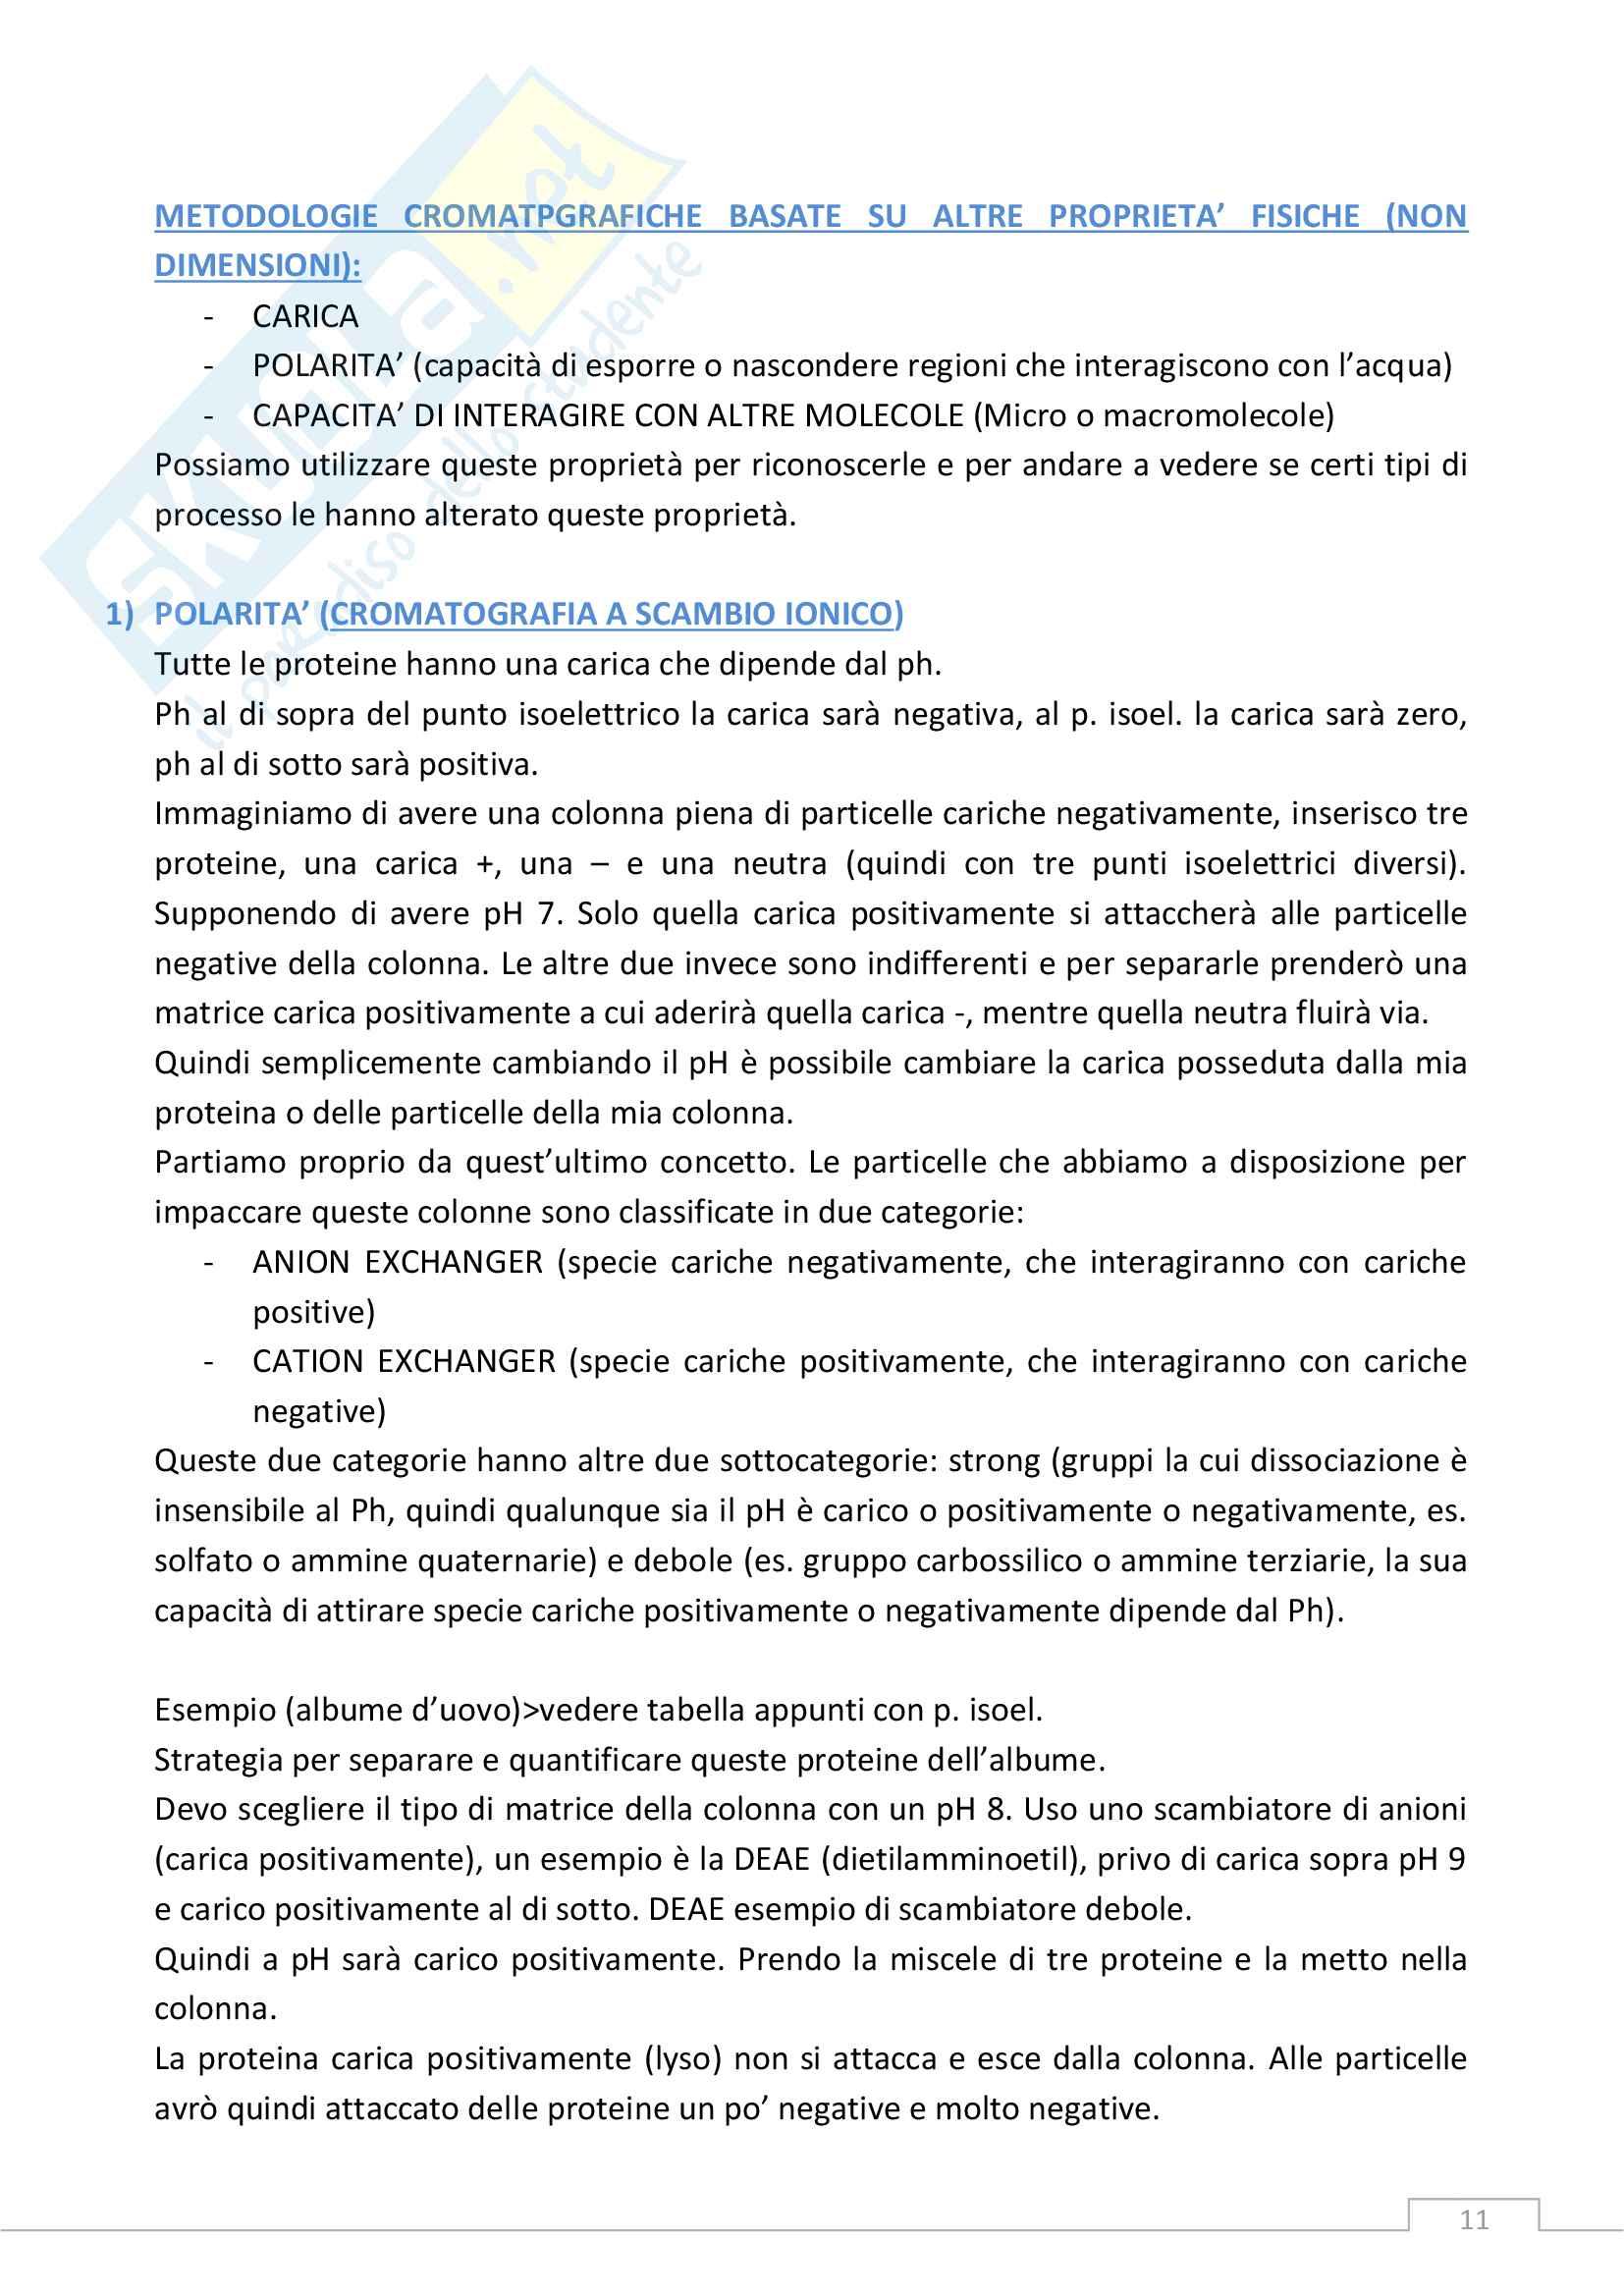 Biochimica delle Trasformazioni Alimentari - Lezioni e Domande (con Risposte) MAGISTRALE A.A. 2016 Pag. 11